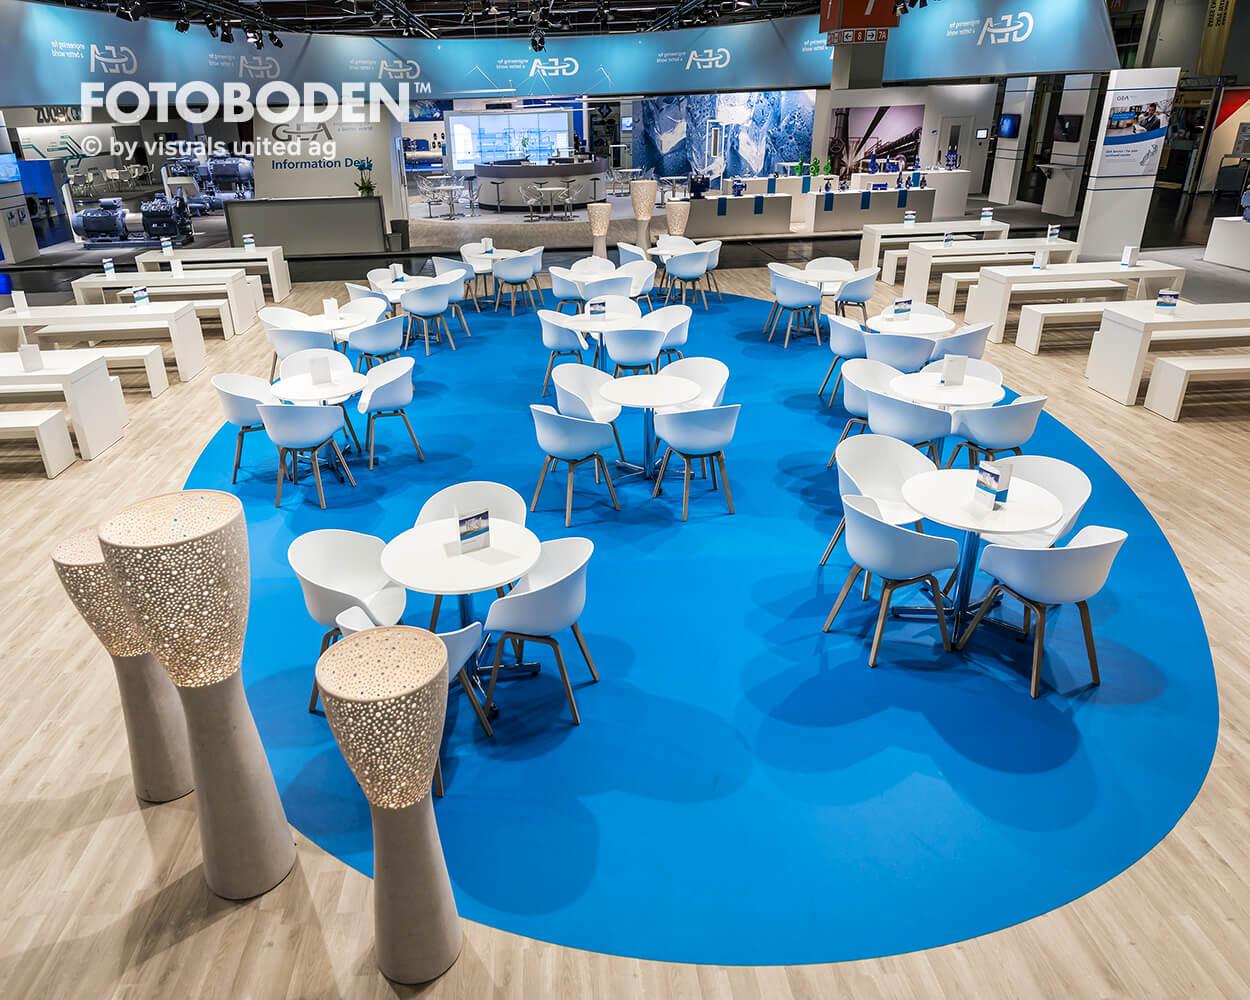 FOTOBODEN™ Messeboden Einkaufszentrum Gastronomie